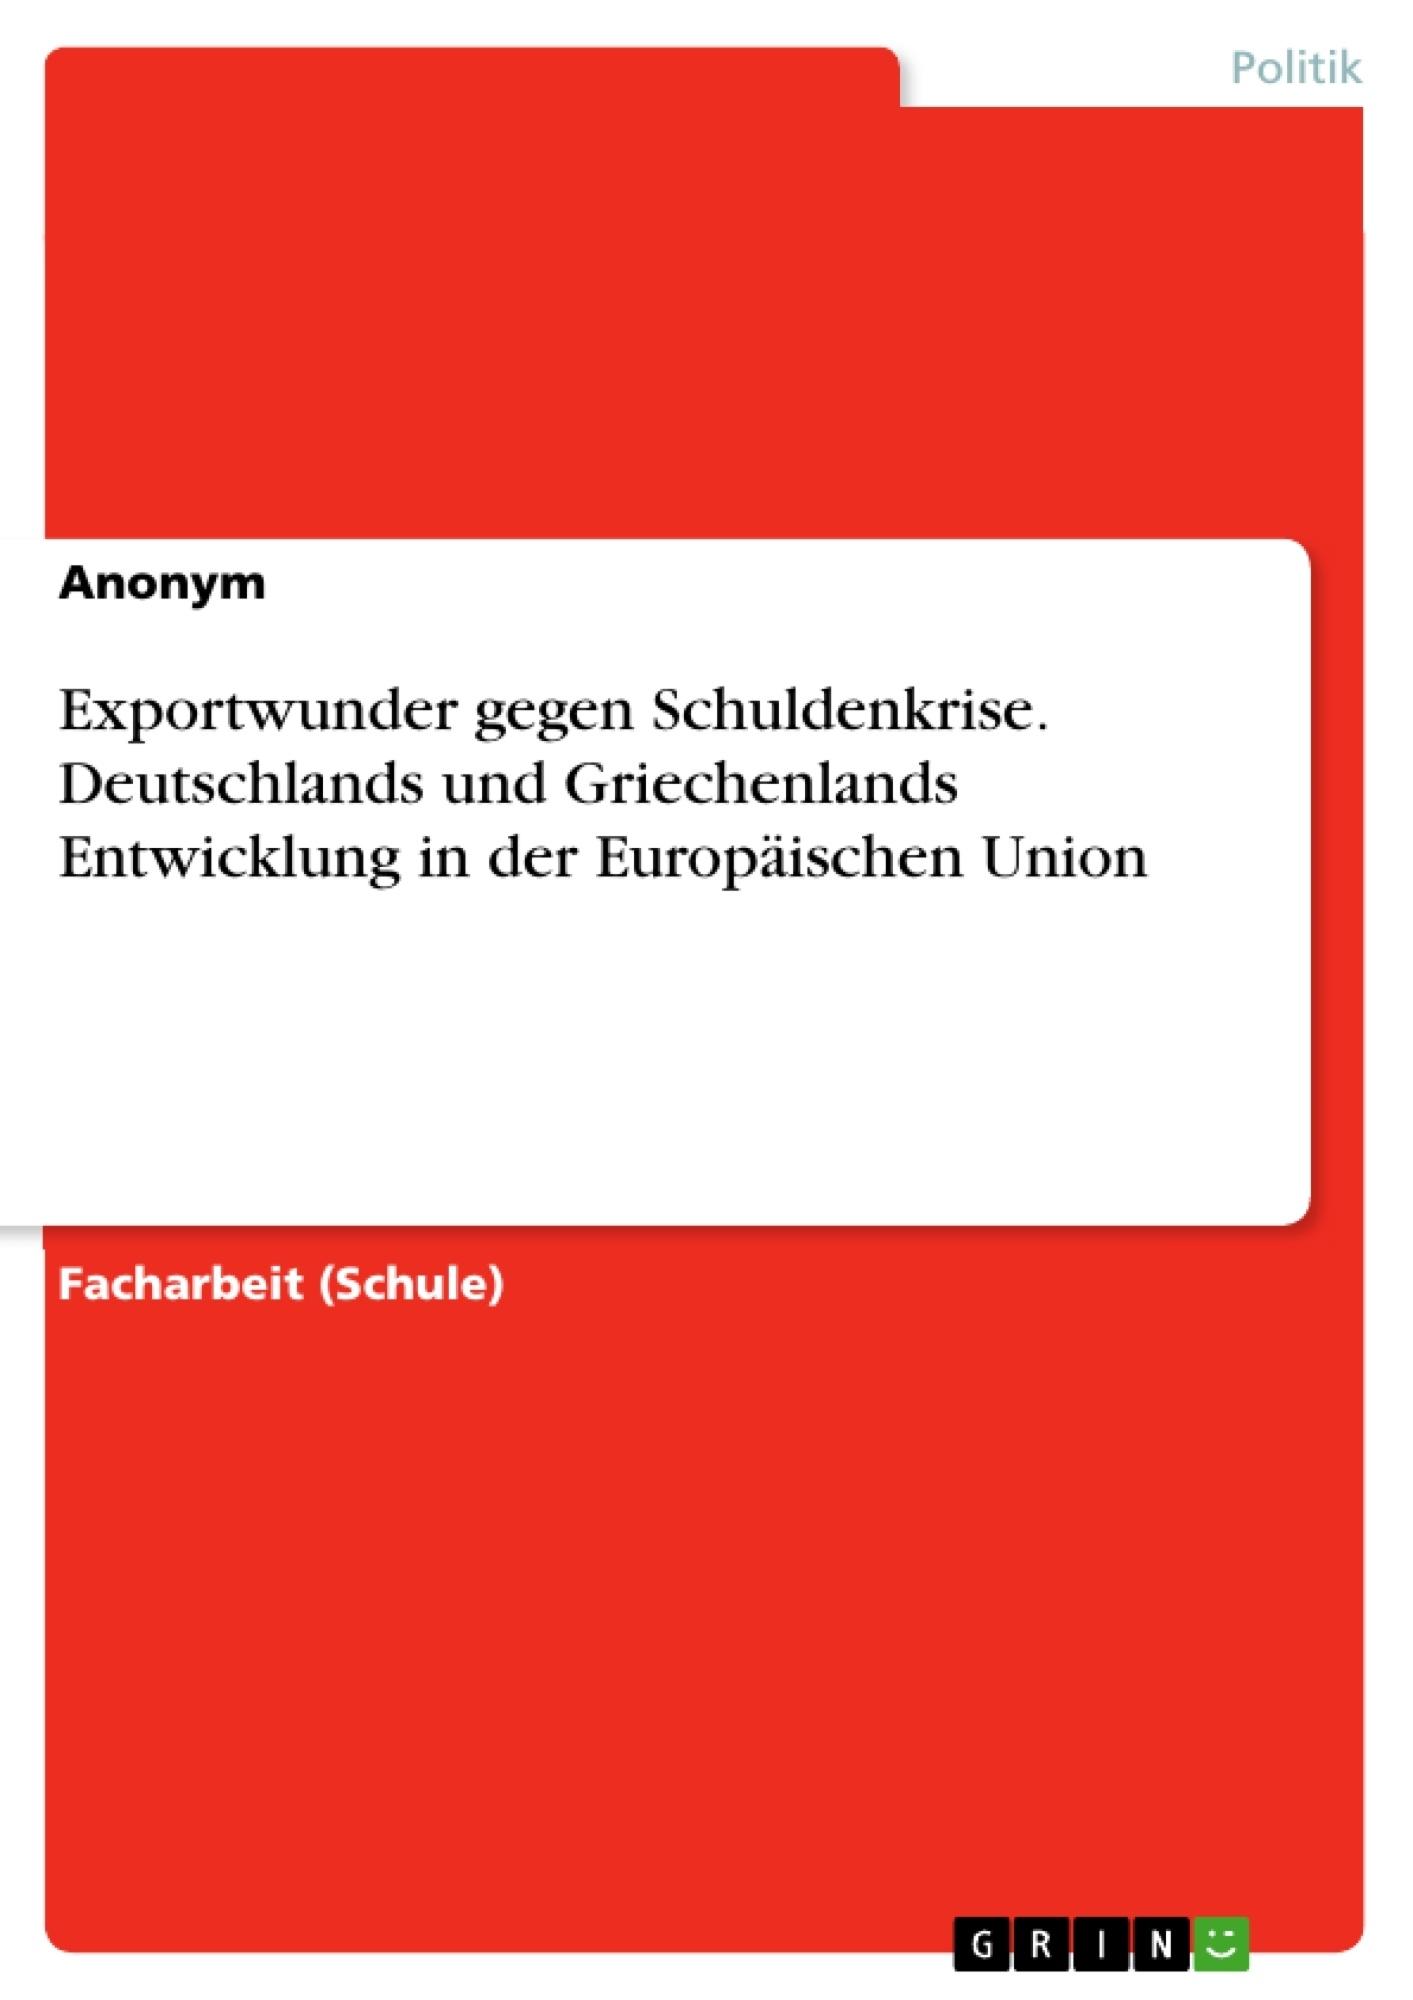 Titel: Exportwunder gegen Schuldenkrise. Deutschlands und Griechenlands Entwicklung in der Europäischen Union